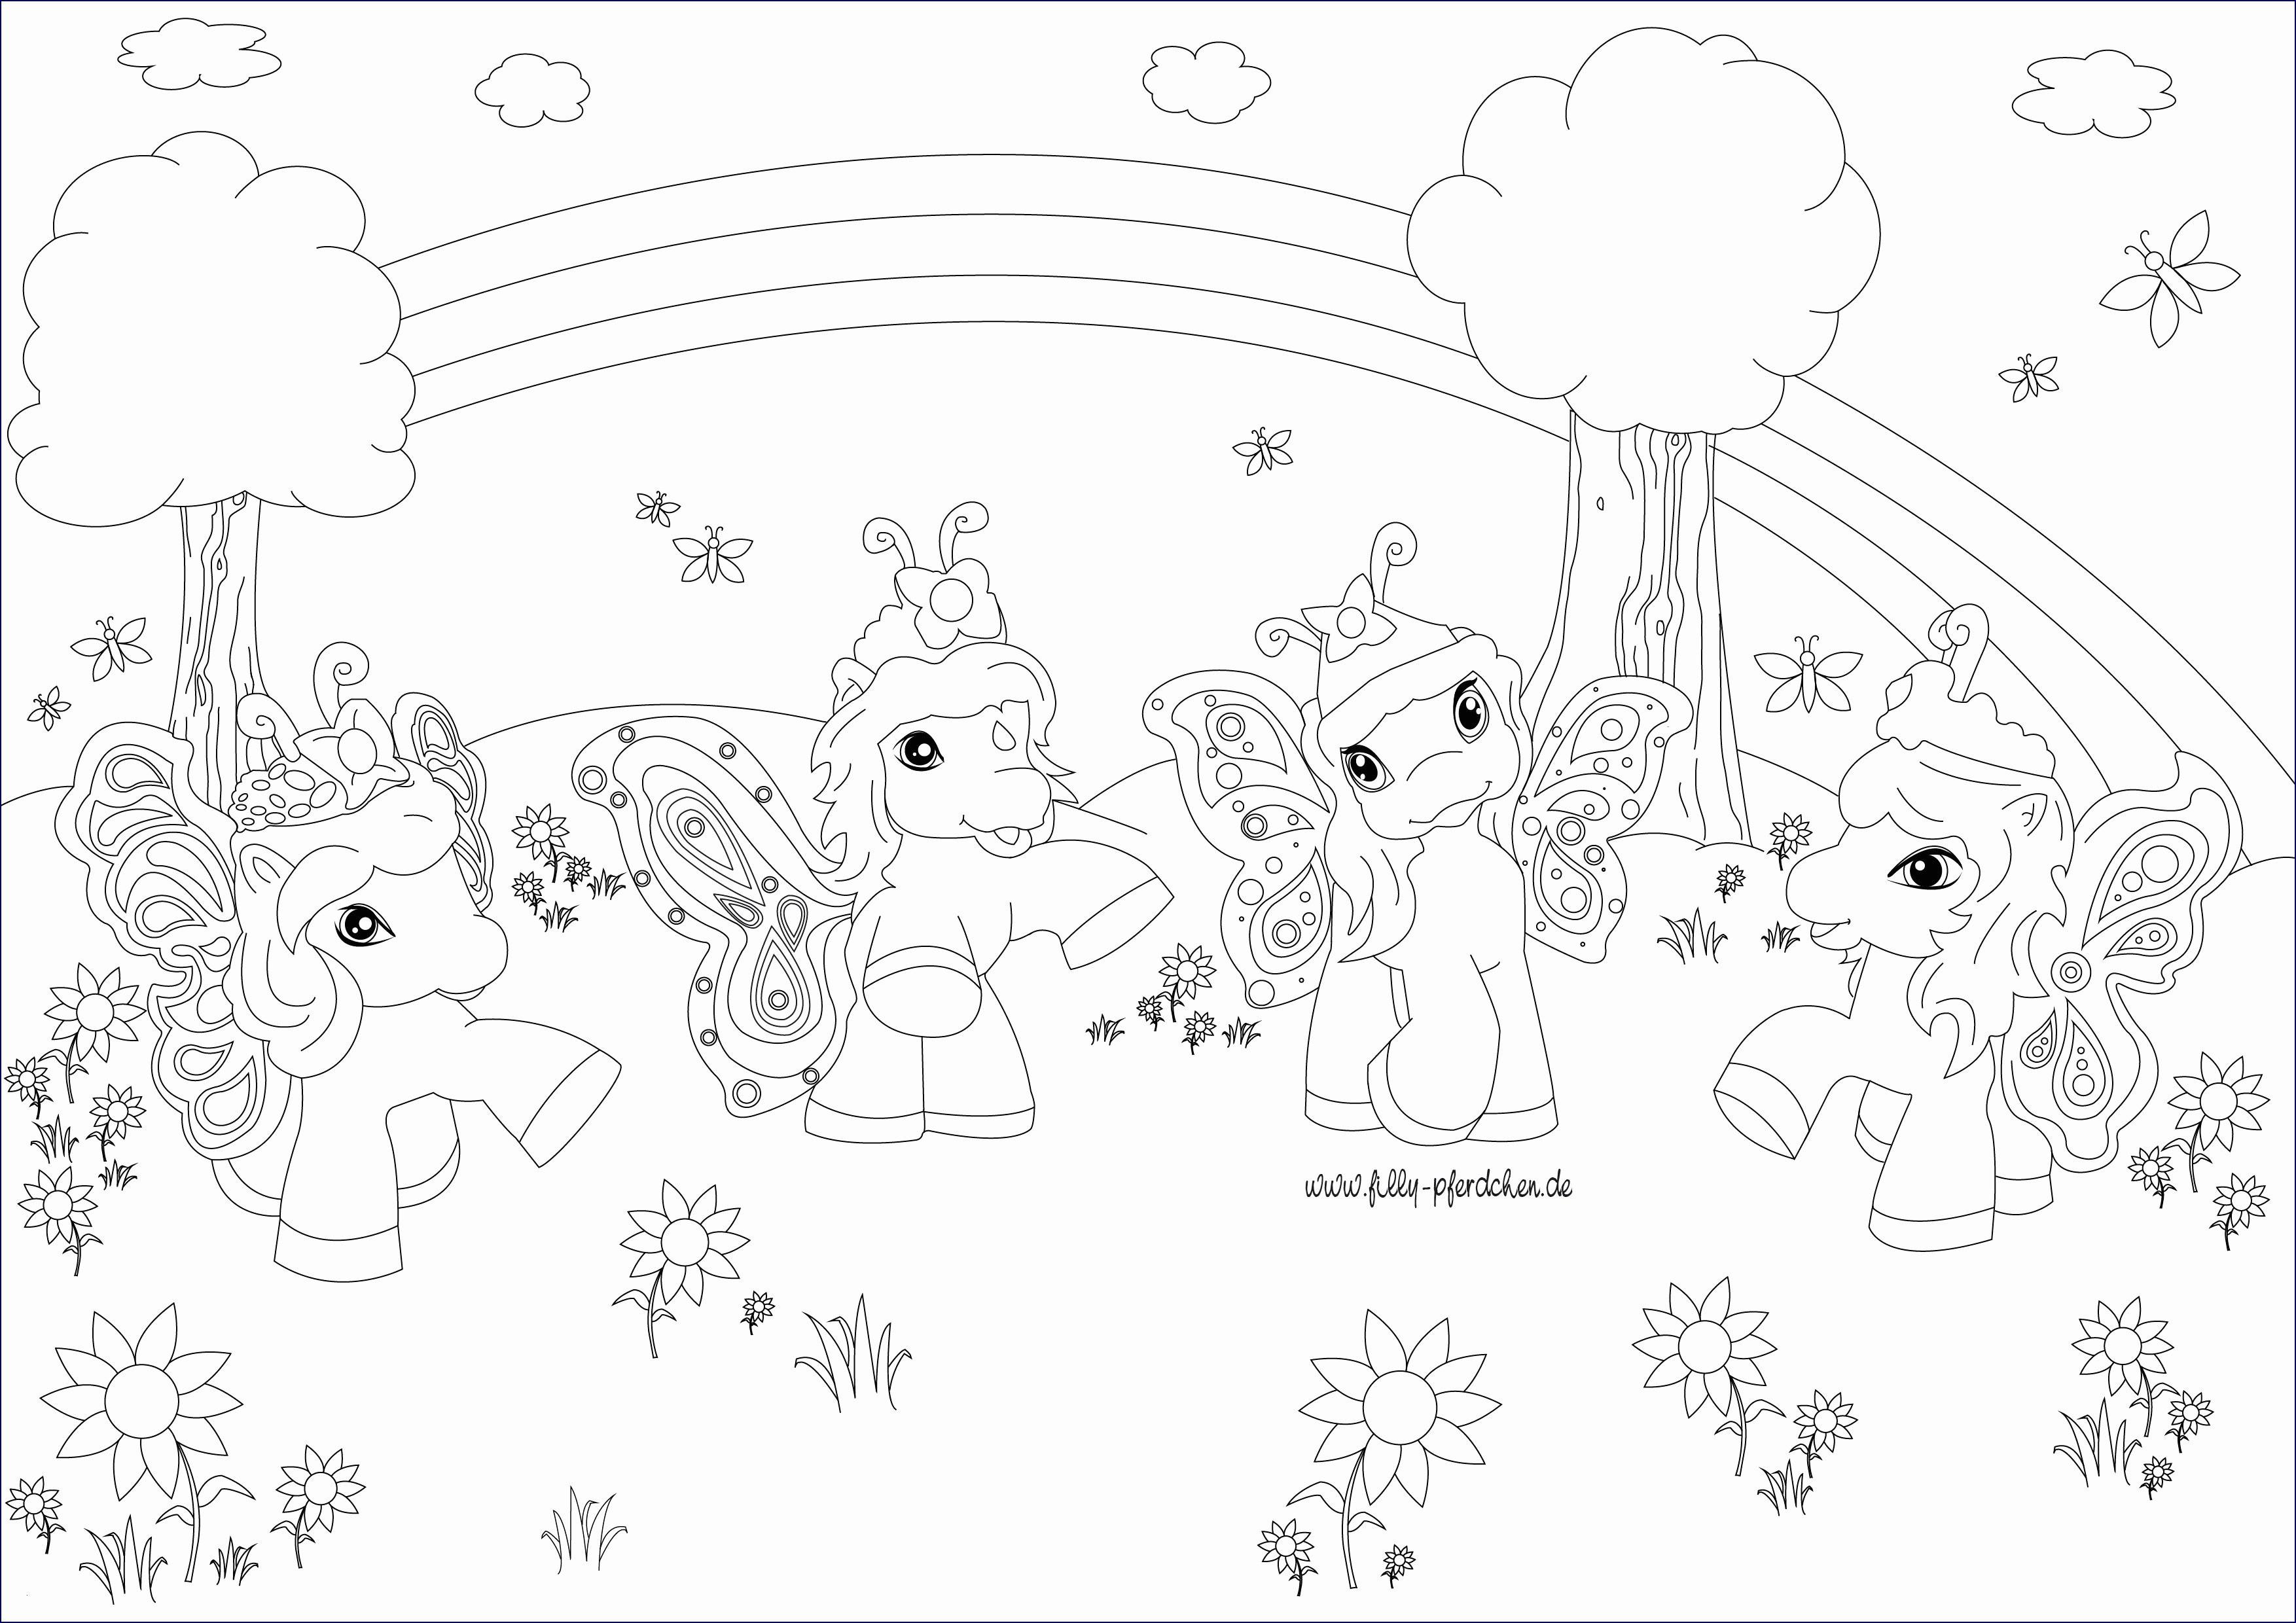 Winnie Pooh Malvorlage Einzigartig Scoredatscore Page 4 144 Beste Malvorlagen Sammlung Luxus Tigger Sammlung